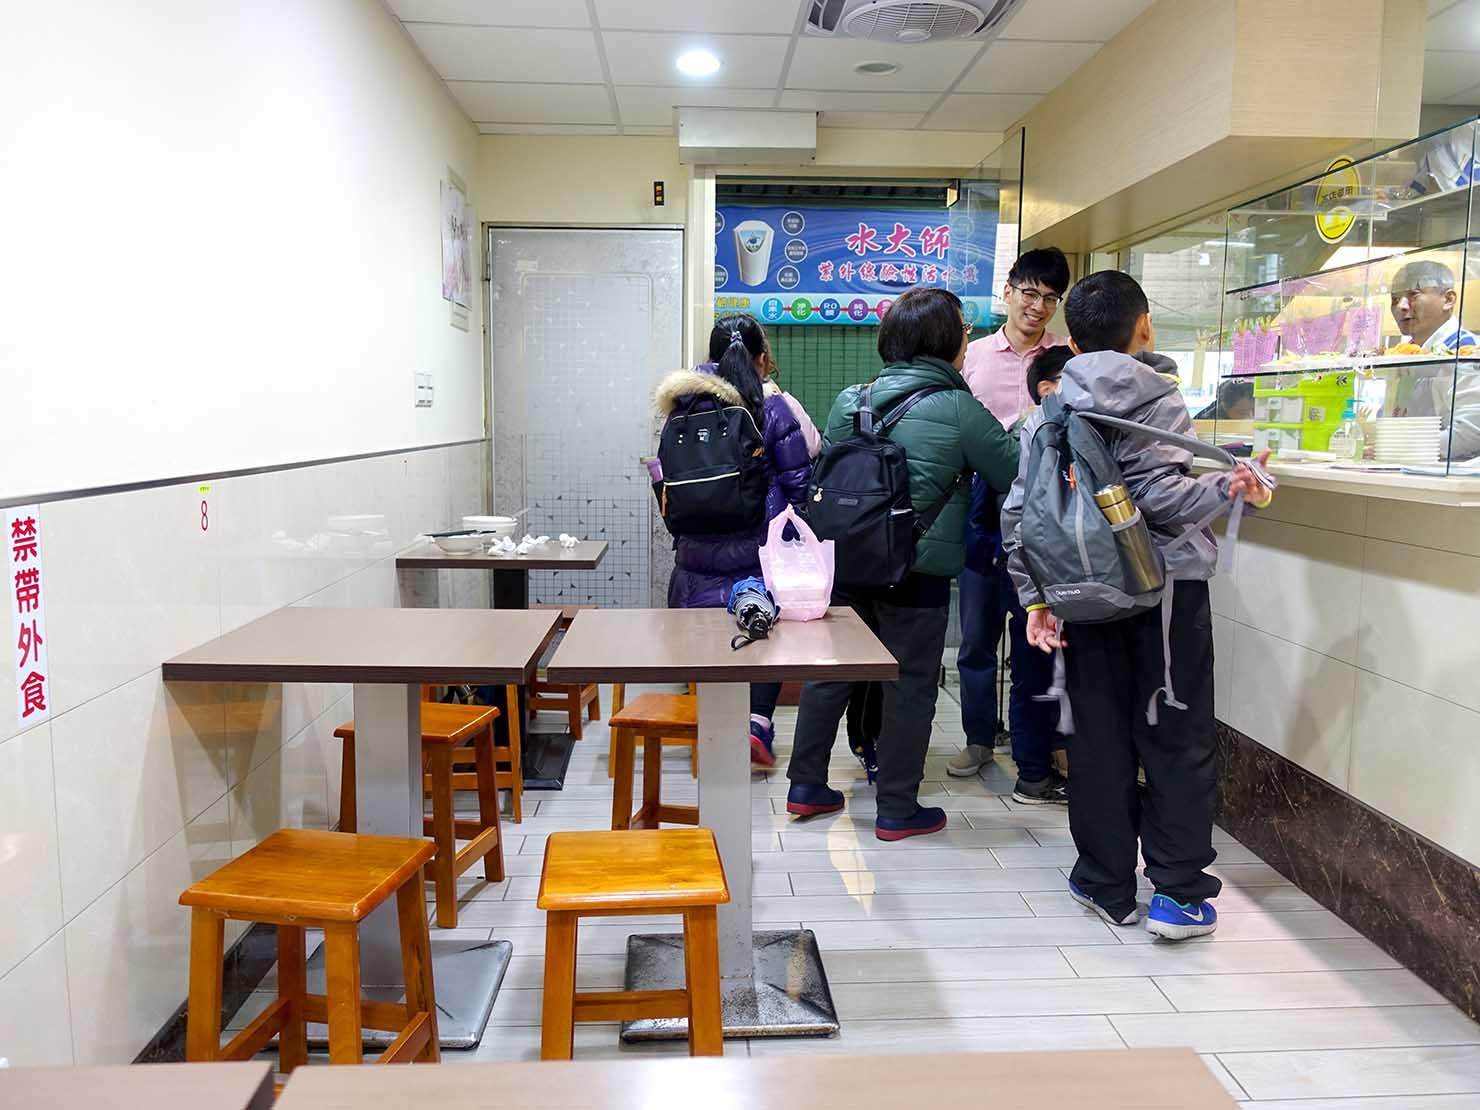 台北・東門エリアのおすすめグルメ店「富久湯圓大王」の店内